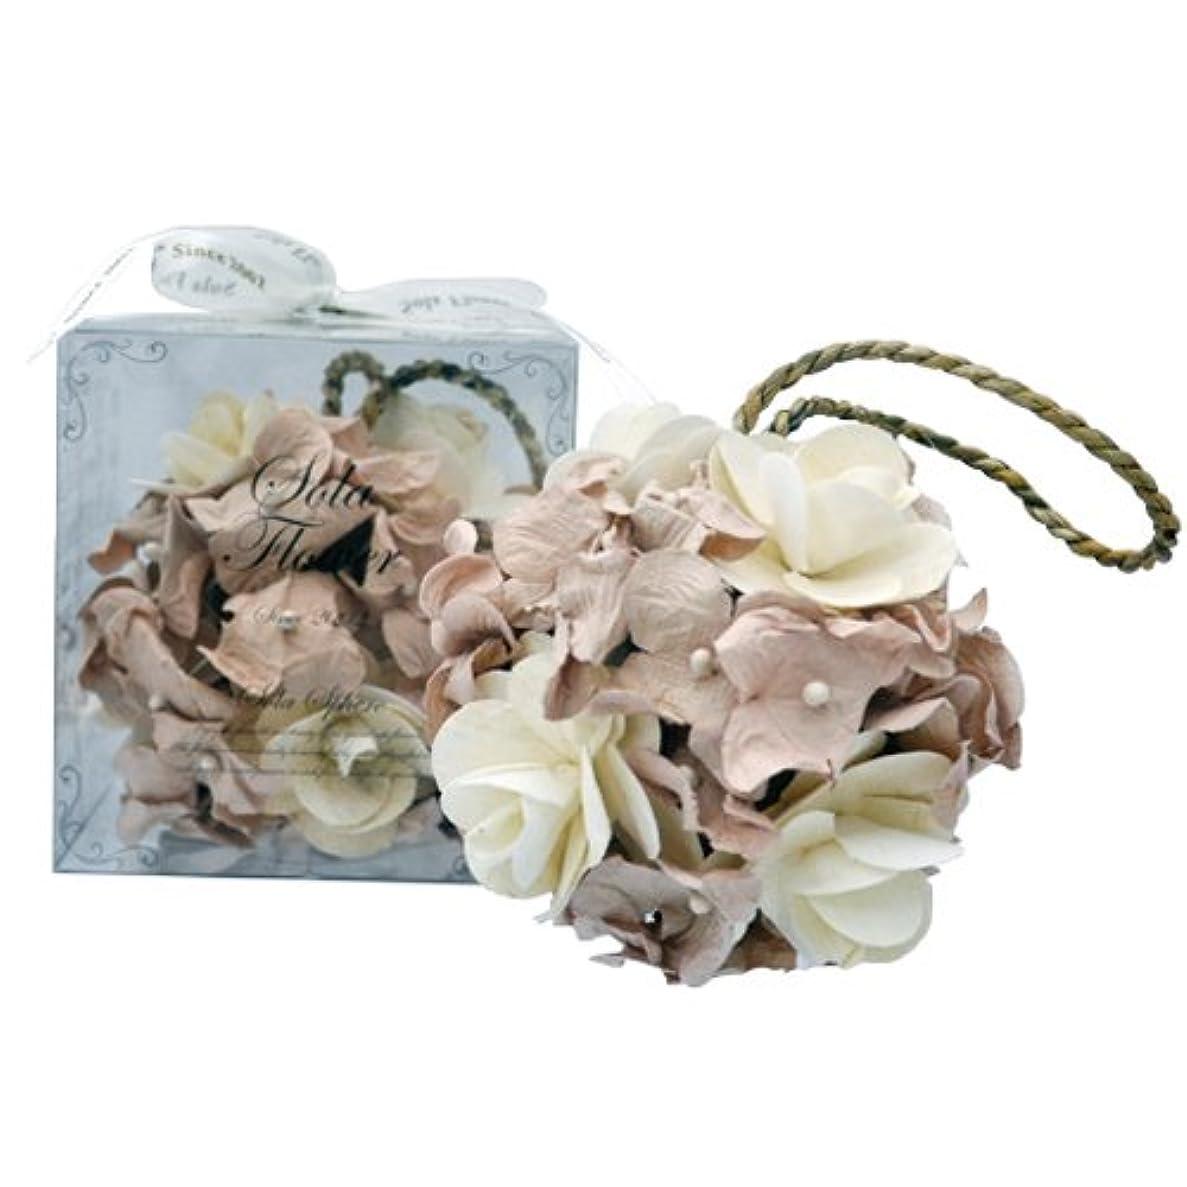 ストレージ流銛new Sola Flower ソラフラワー スフィア Original Rose オリジナルローズ Sphere